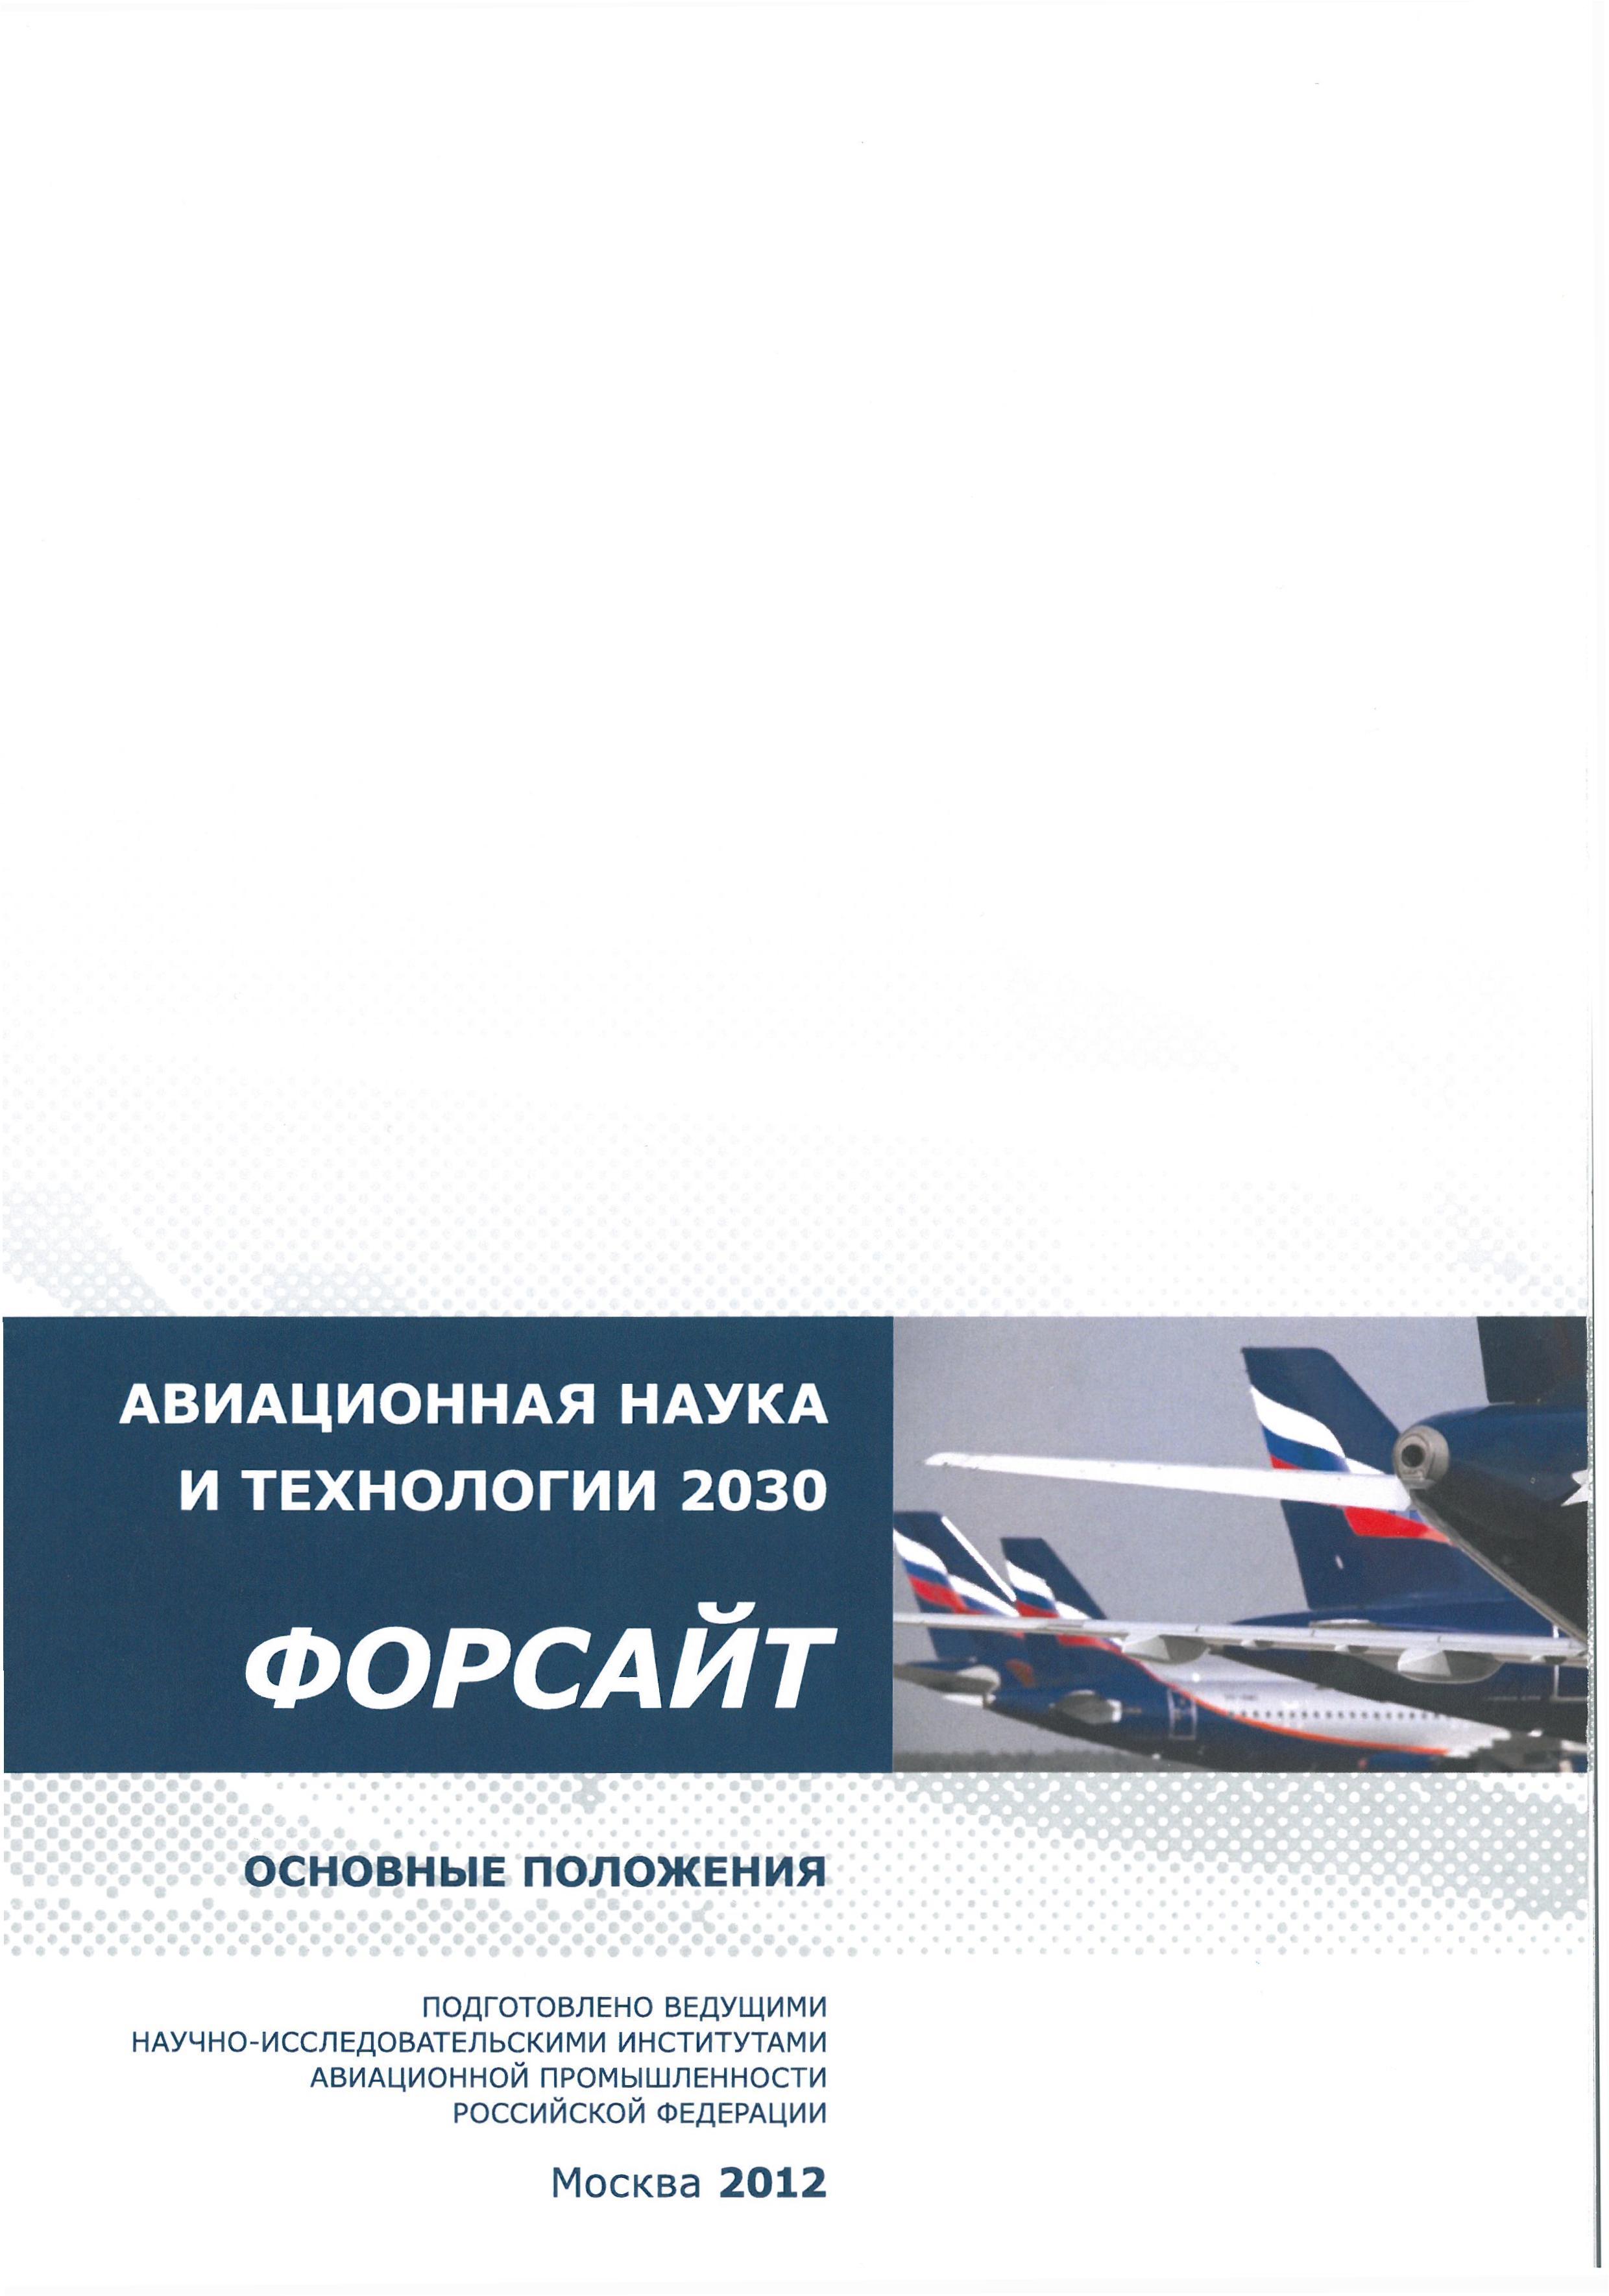 Авиационная наука и технологии 2030. Форсайт, основные положения.